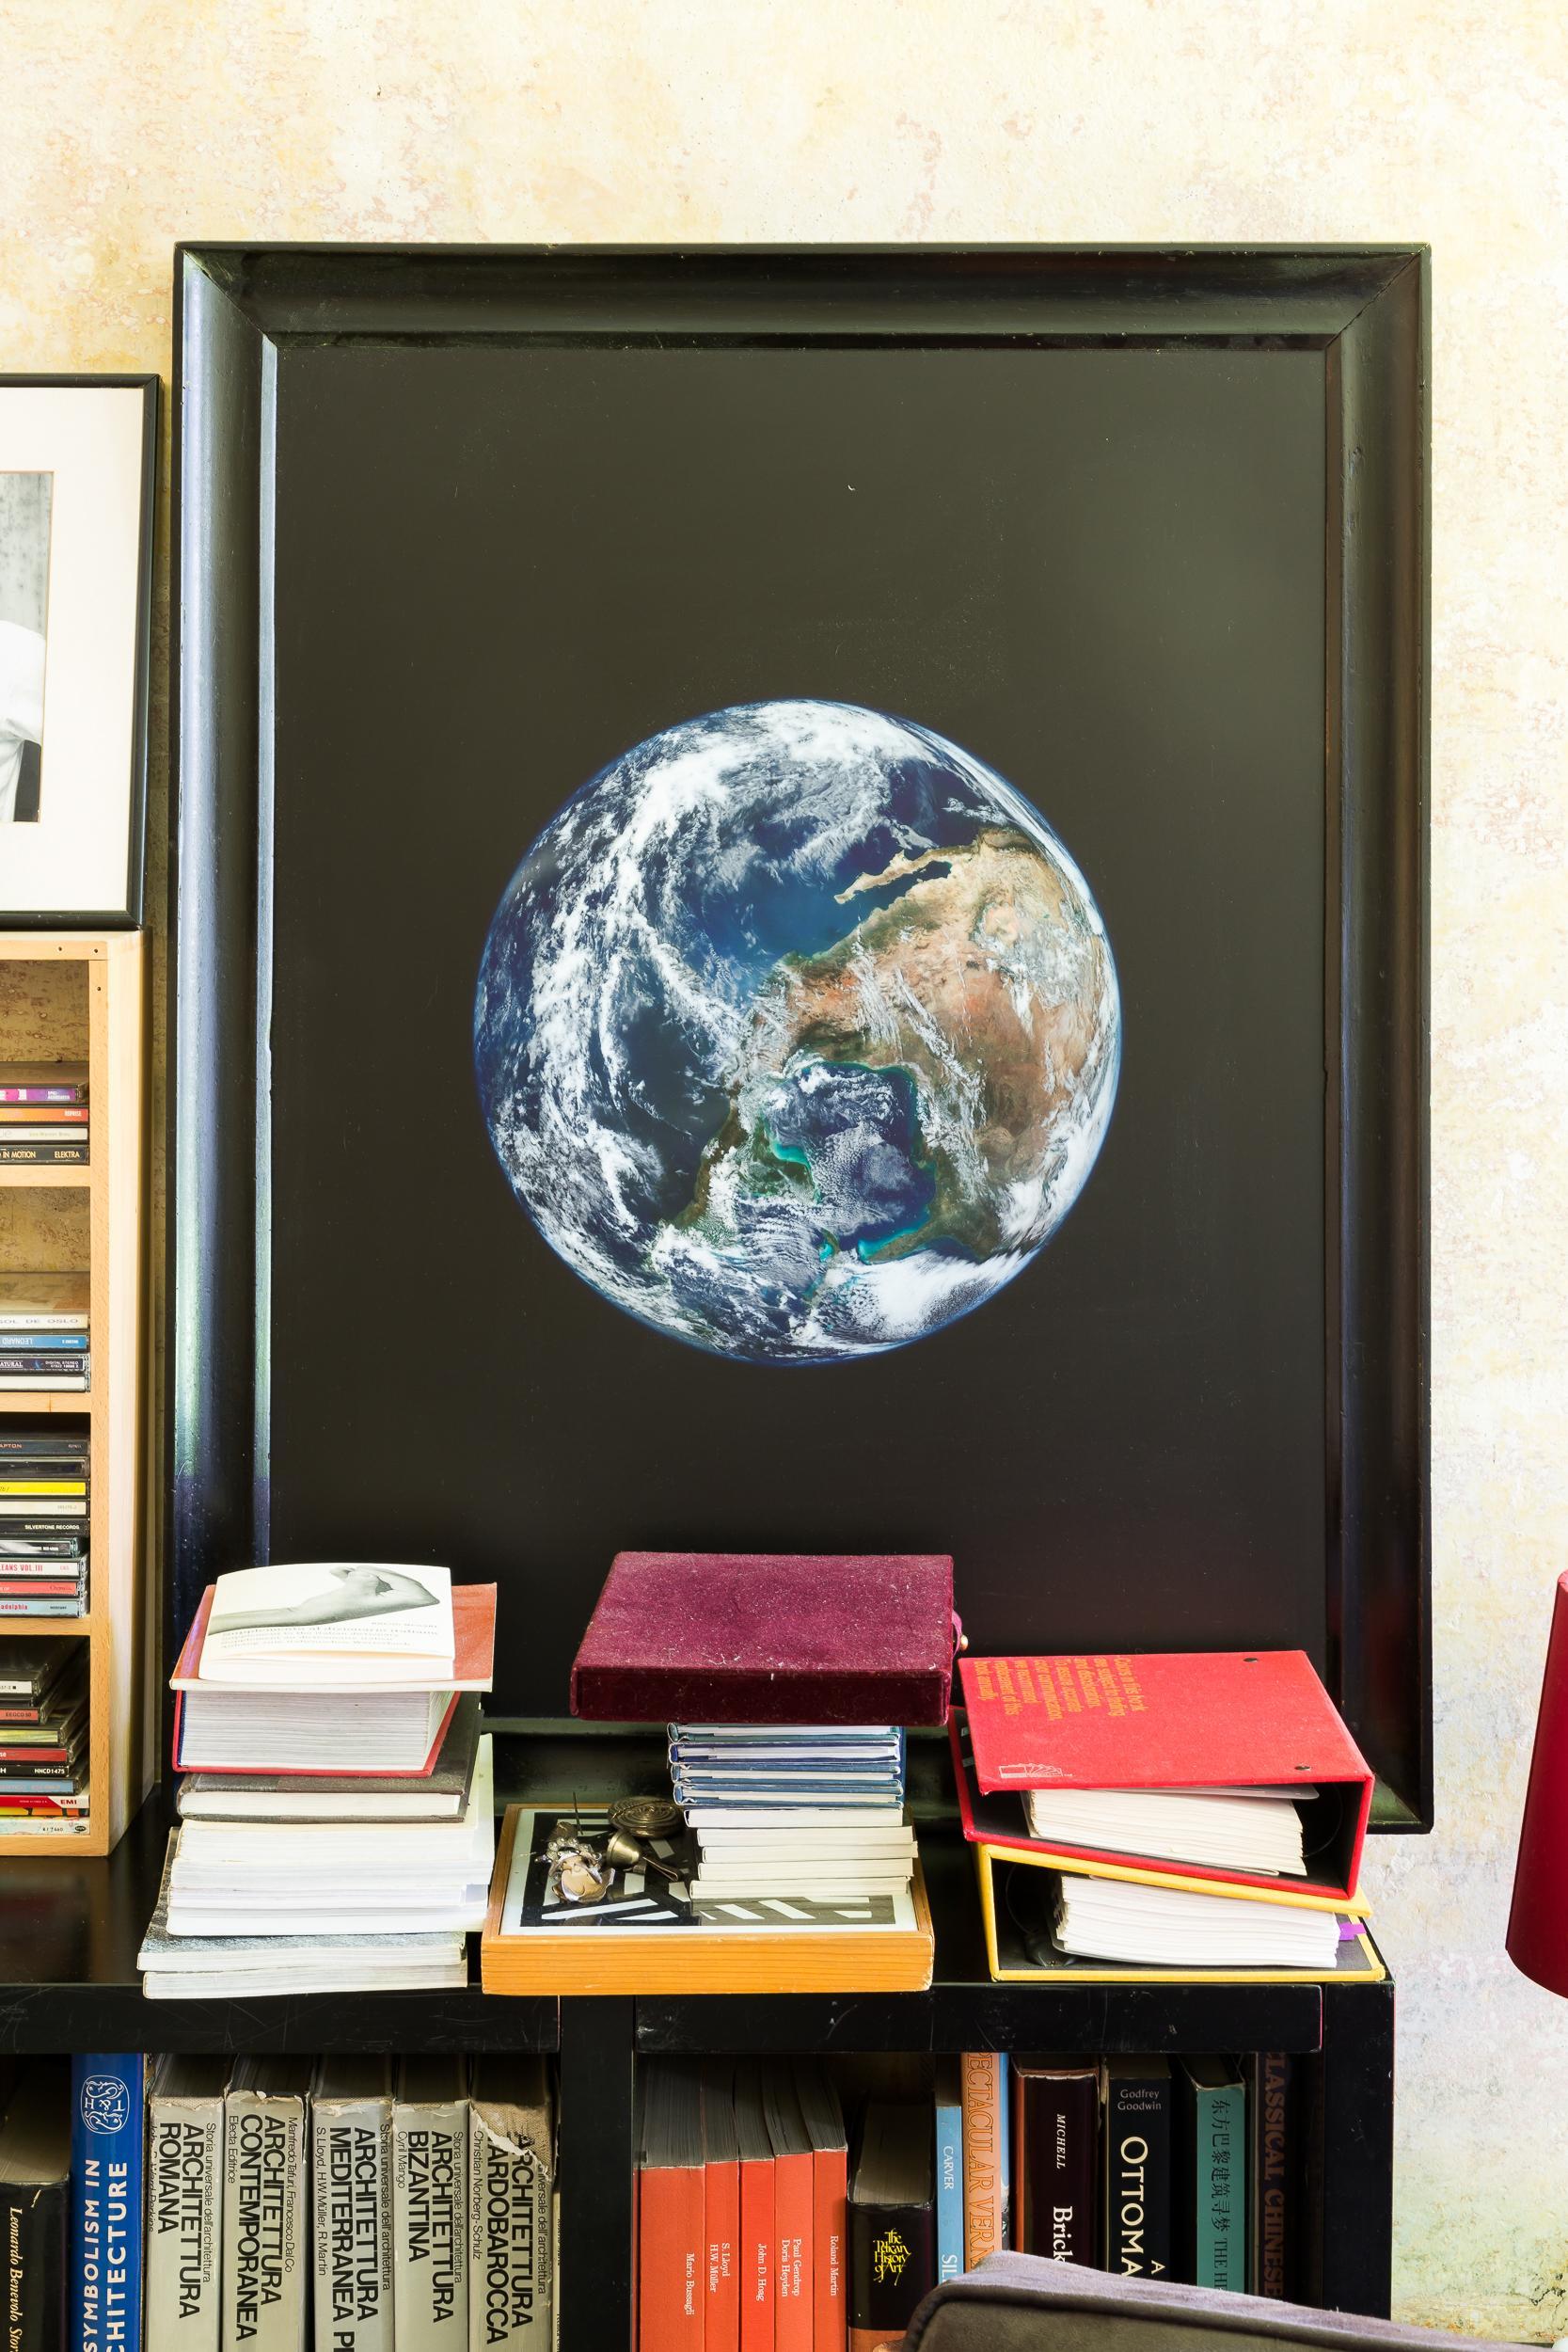 Uno splendido ritratto della terra realizzato da Aldo Cibic sembra raccontare, con grande impatto emotivo, la capacità del creativo di racchiudere il mondo in una stanza.